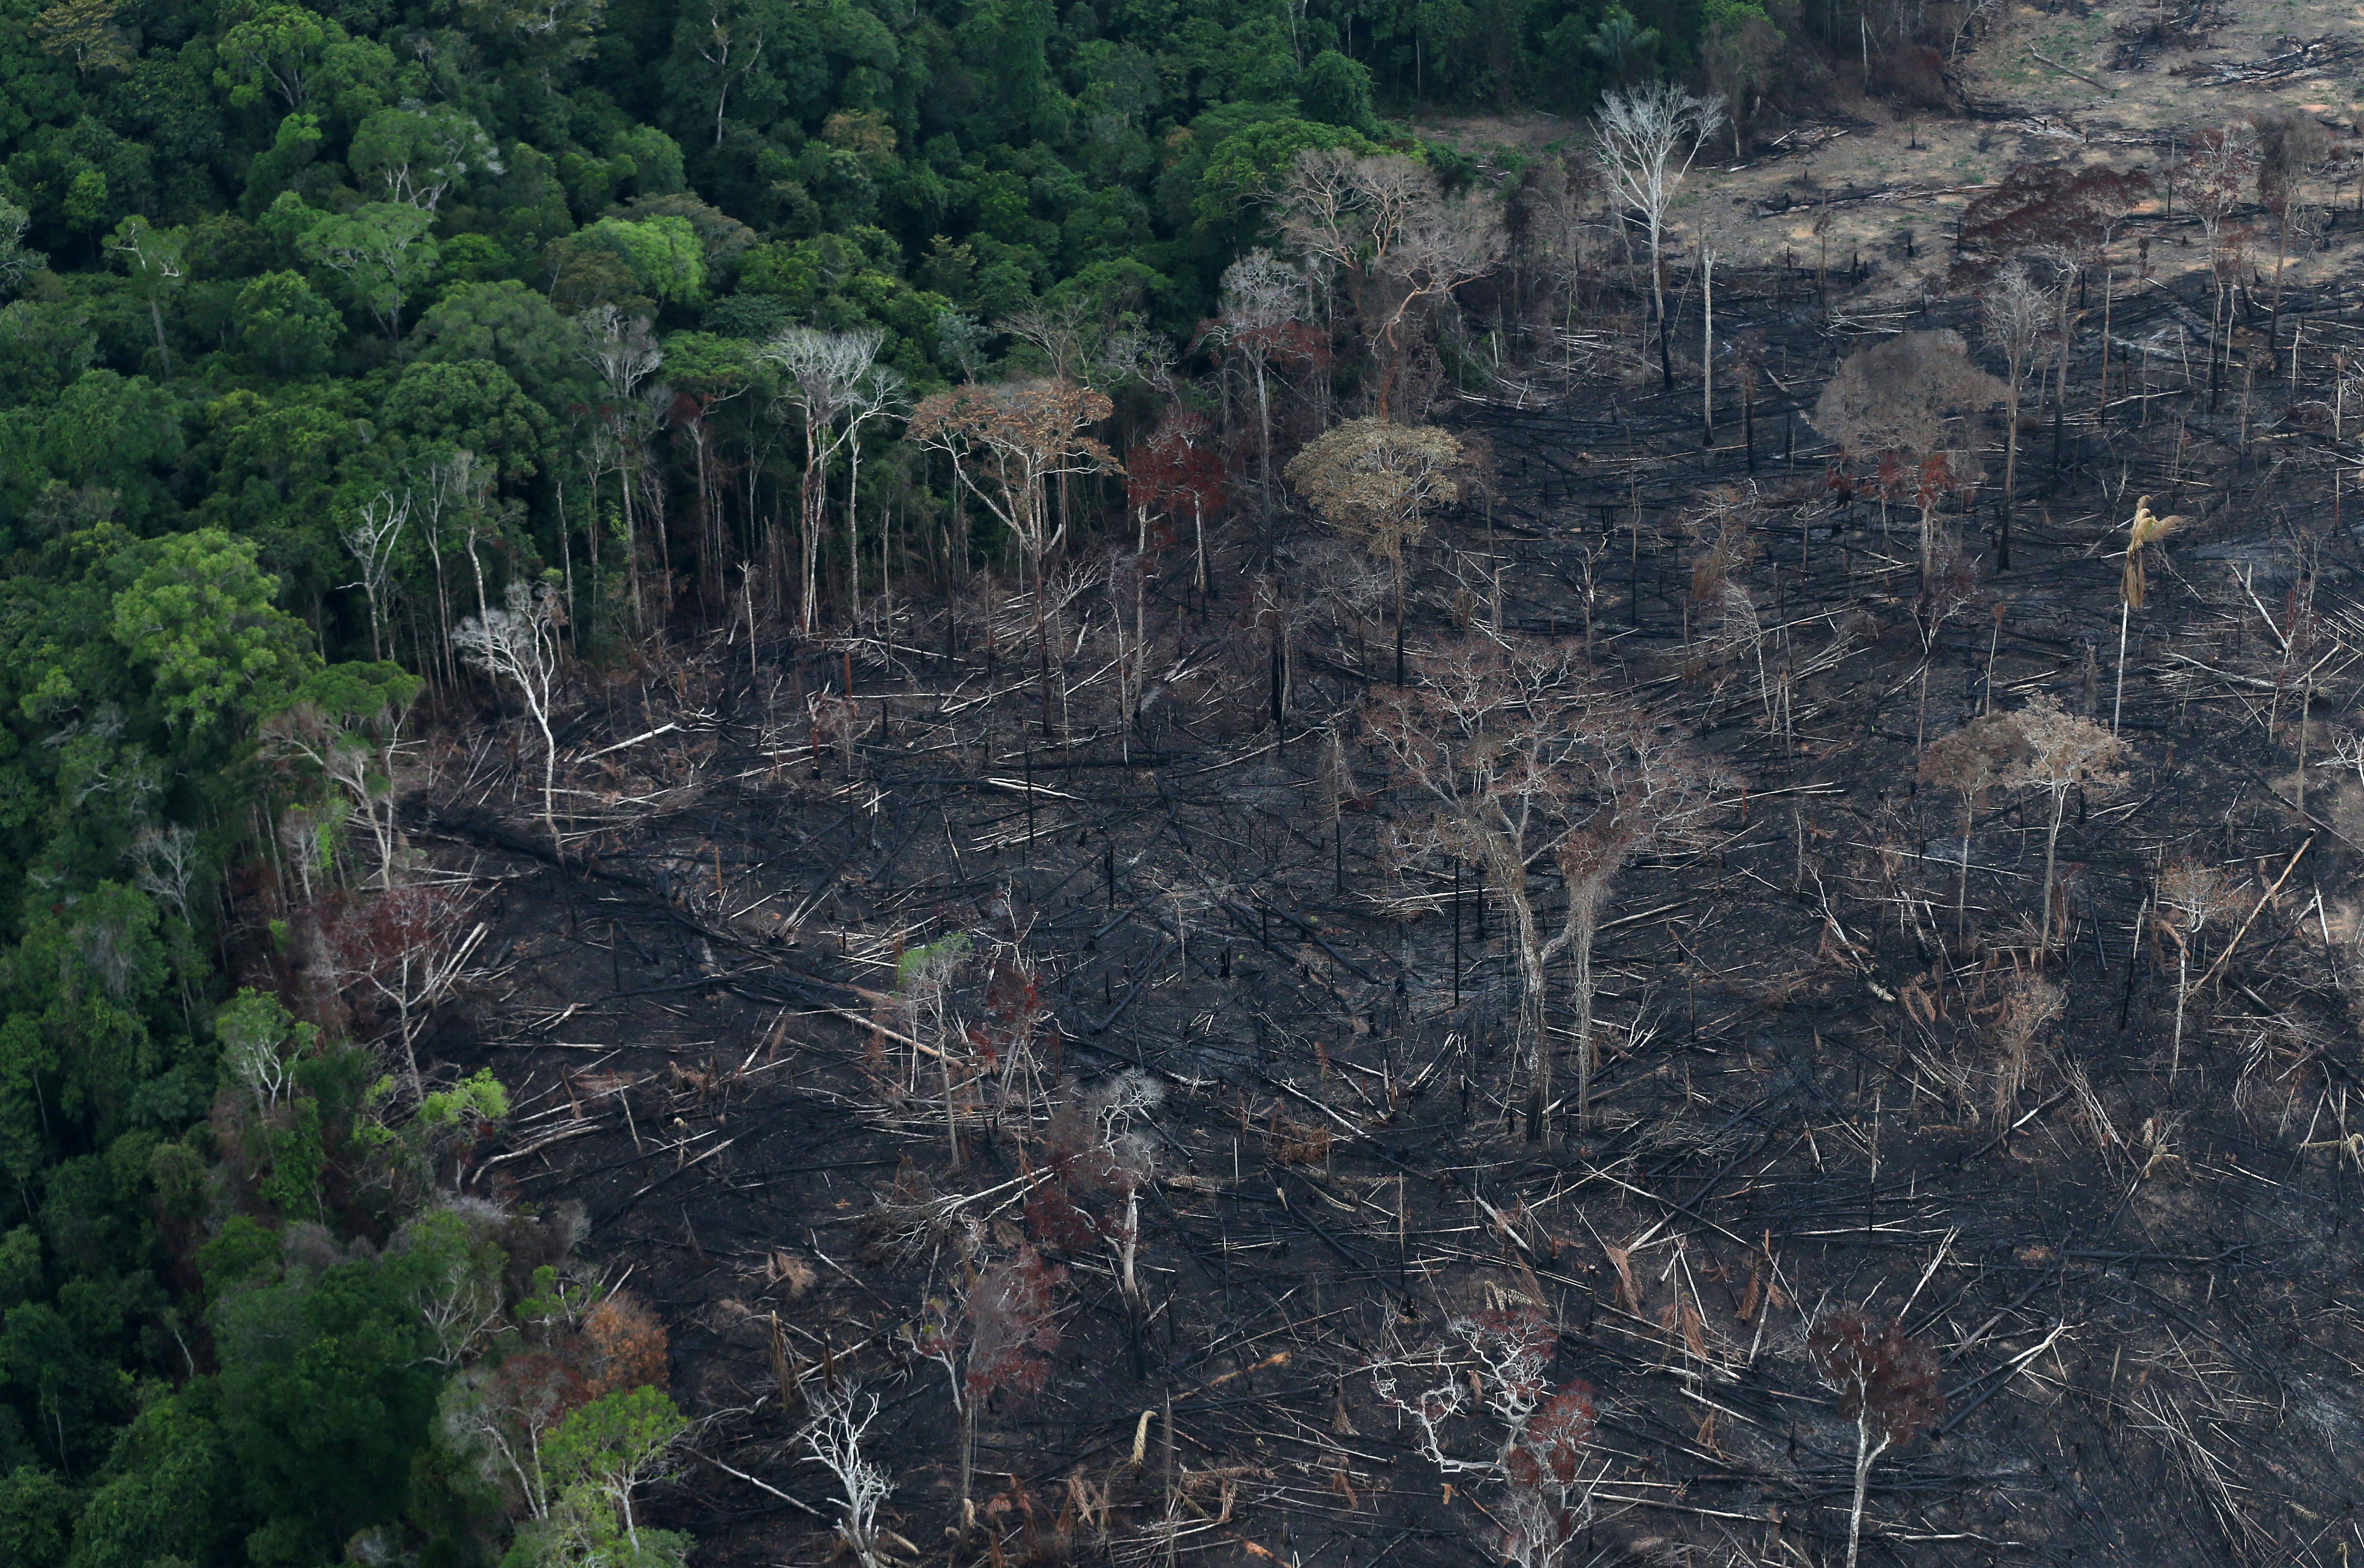 Ασύλληπτη η κατάστροφή στον Αμαζόνιο! Πάνω από 10.000 τετραγωνικά χιλιόμετρα η έκταση που αποψιλώθηκε